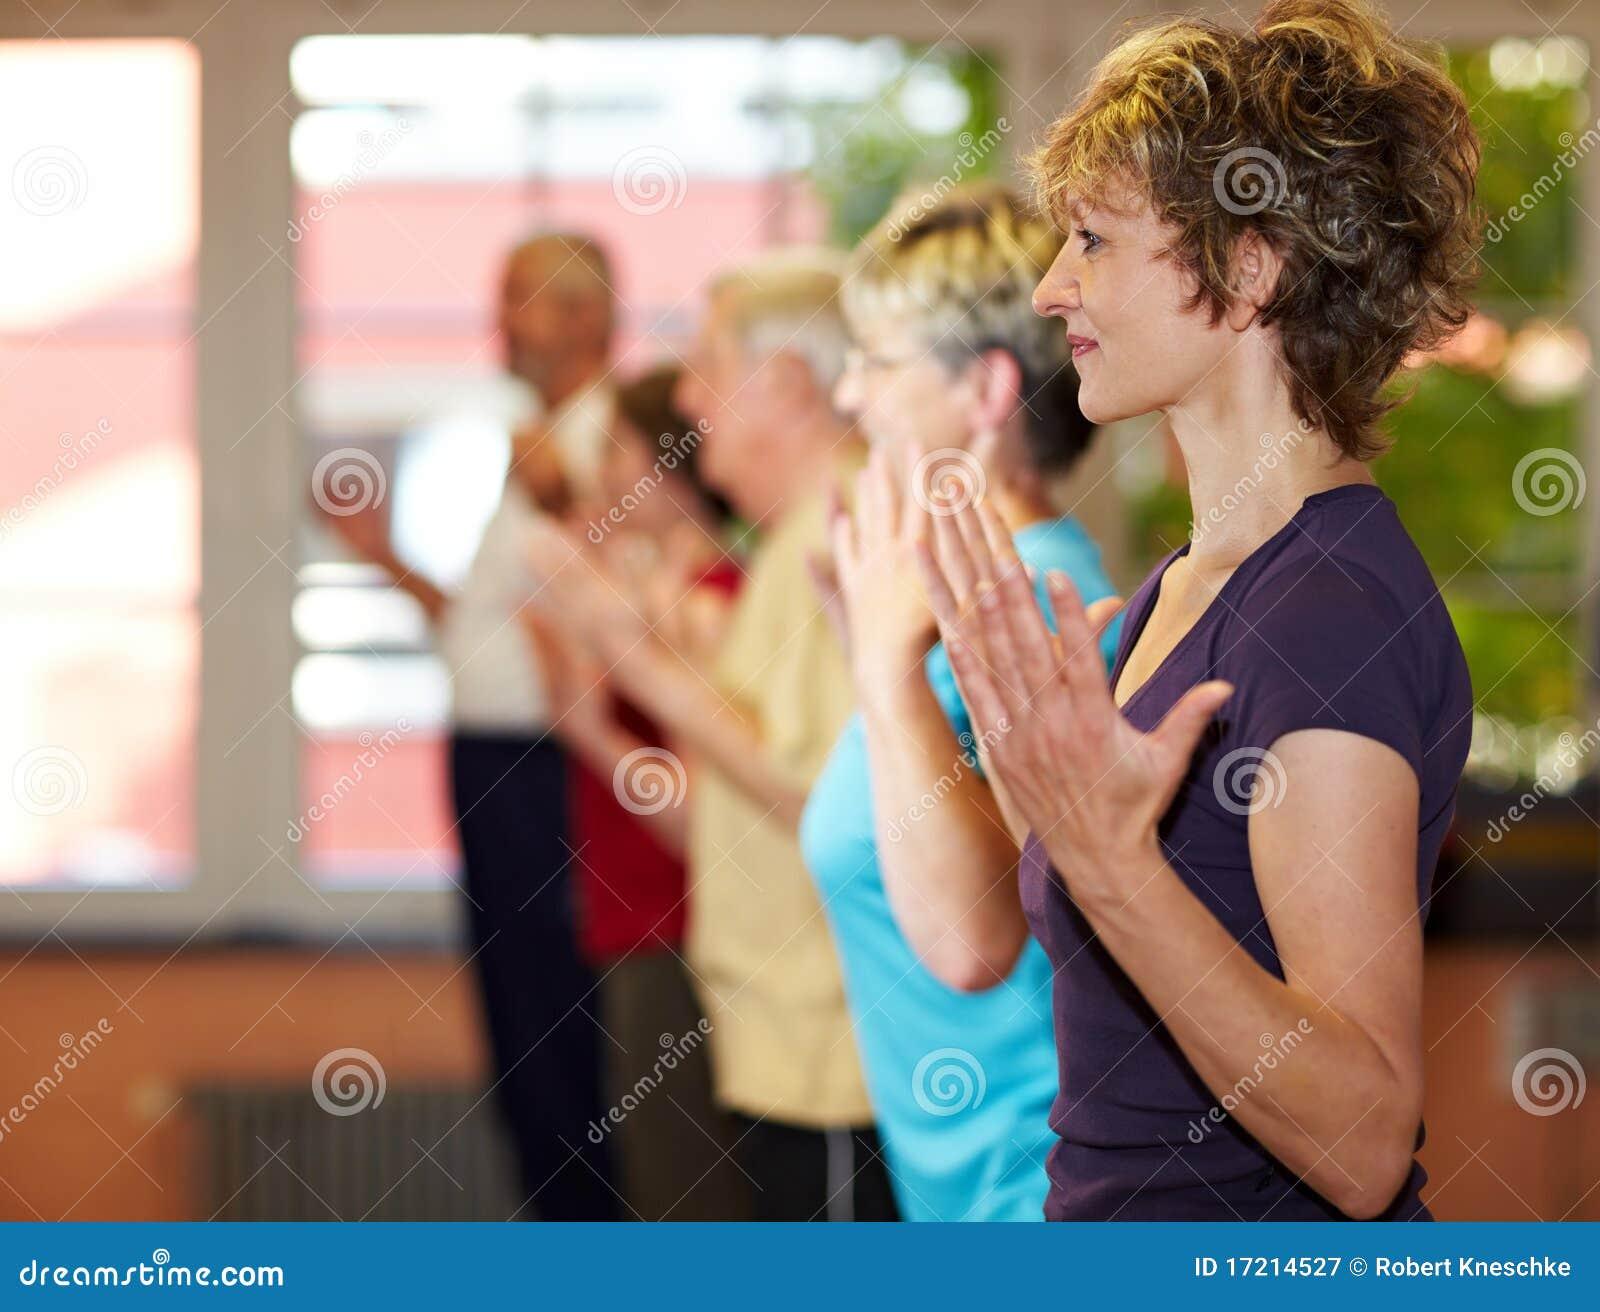 Ausübung der Gruppe in der Gymnastik